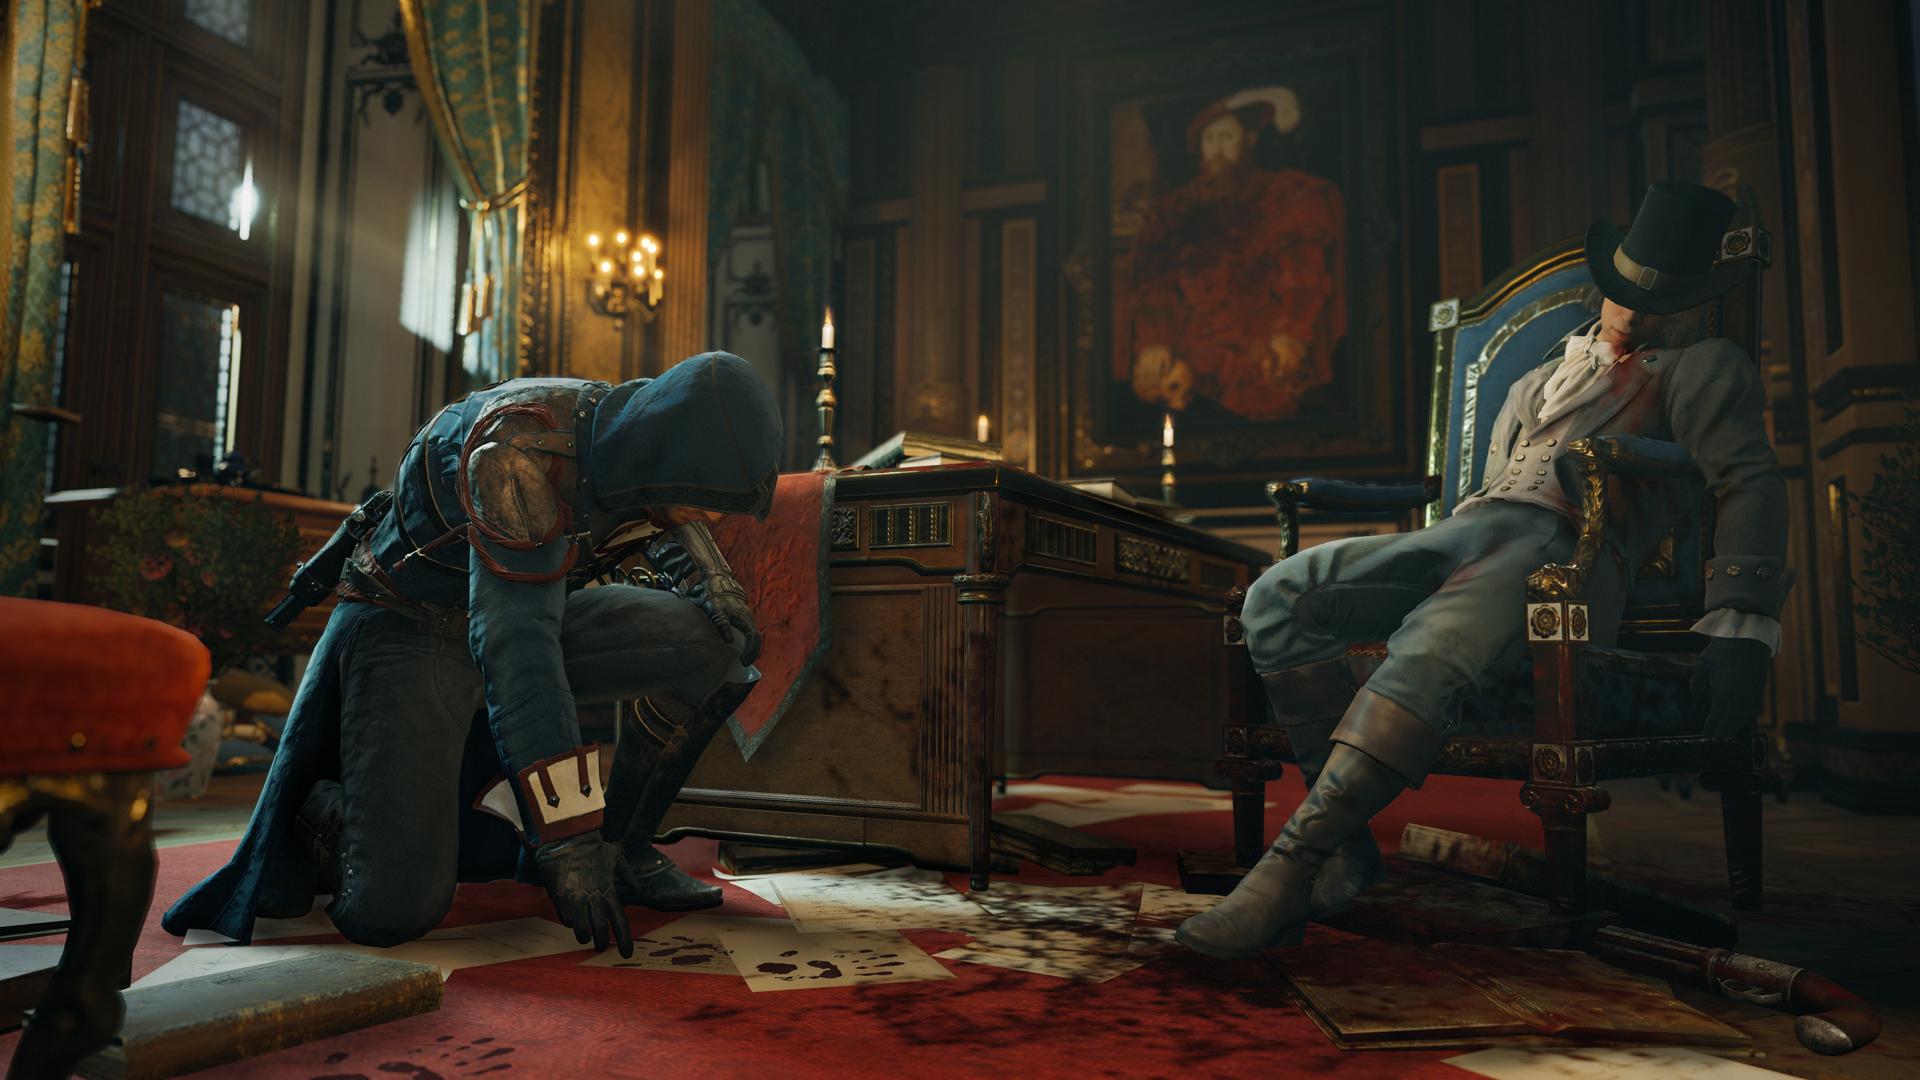 Assassin's Creed: Unity v příběhovém traileru 101189